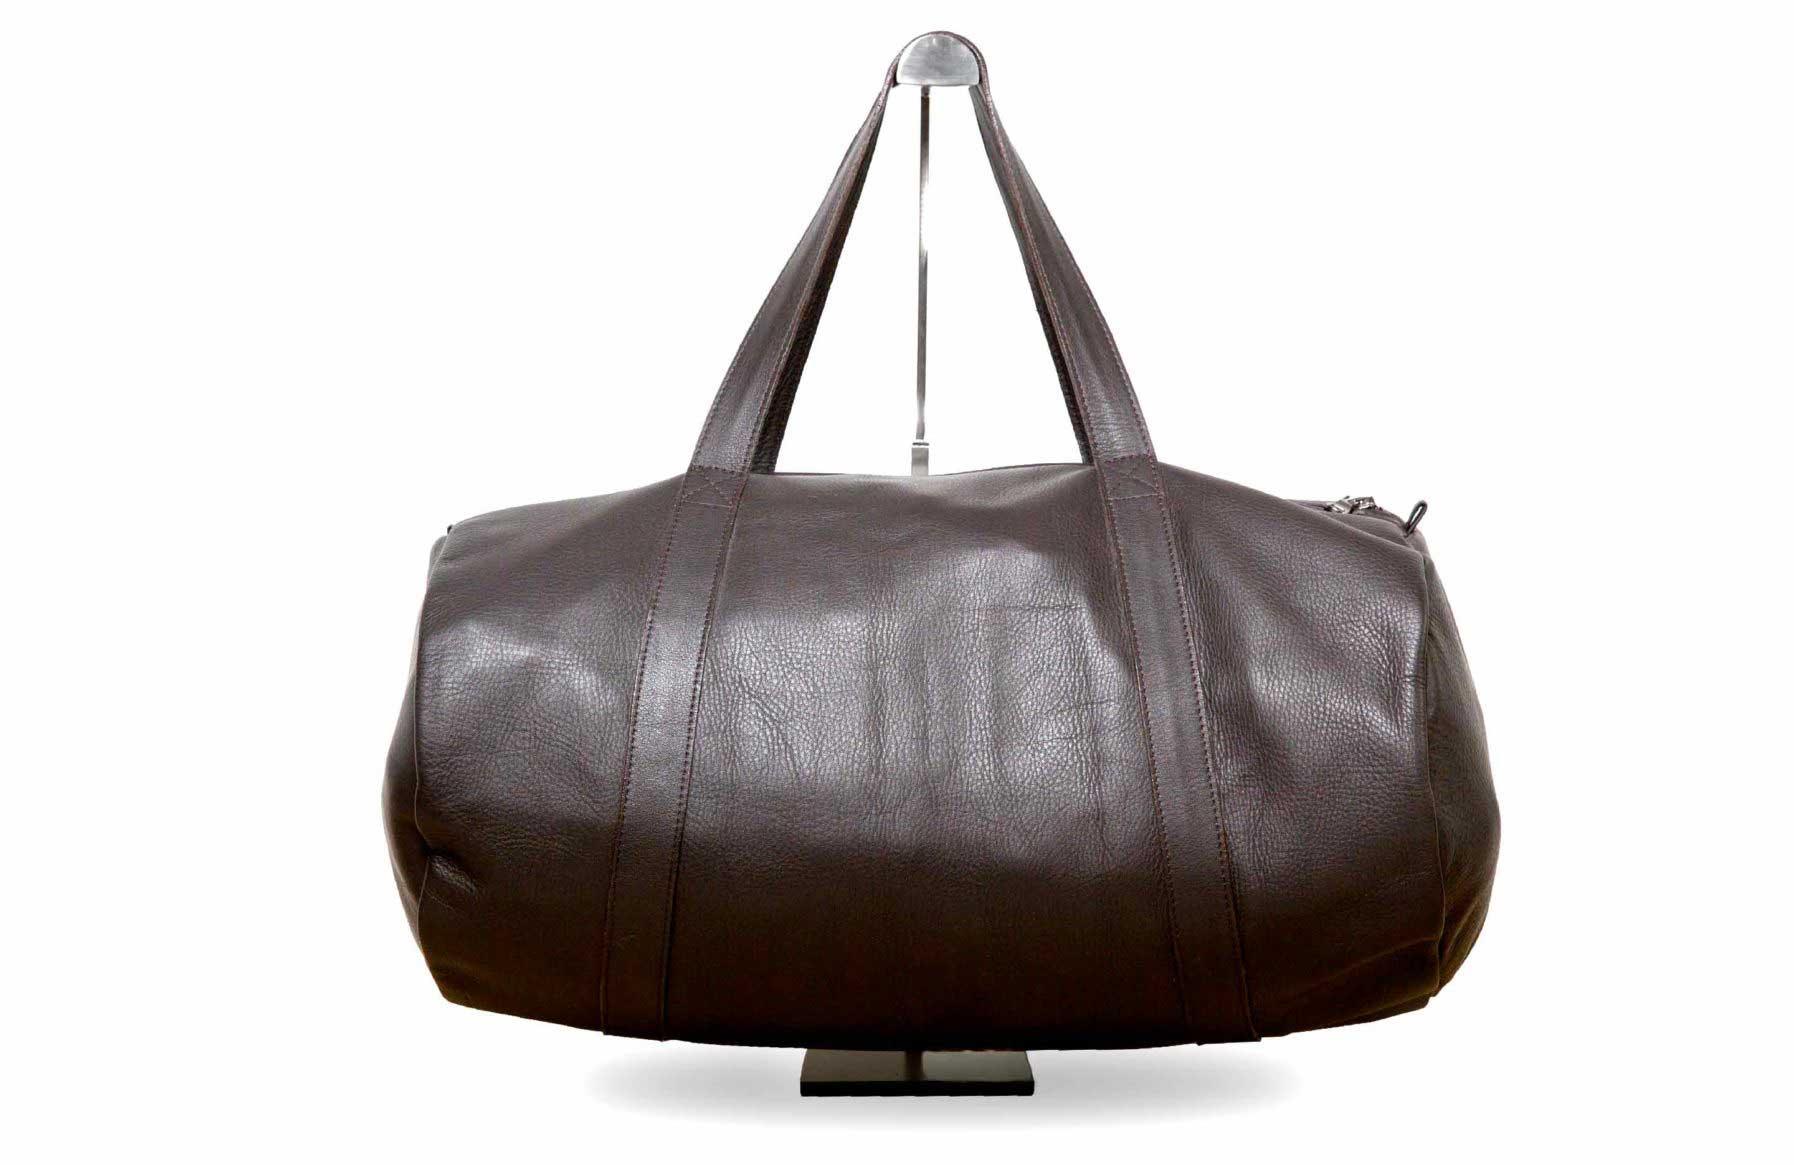 Visuel - Sac polochon -modèle Lenox en cuir marron chocolat - ordinari.shop